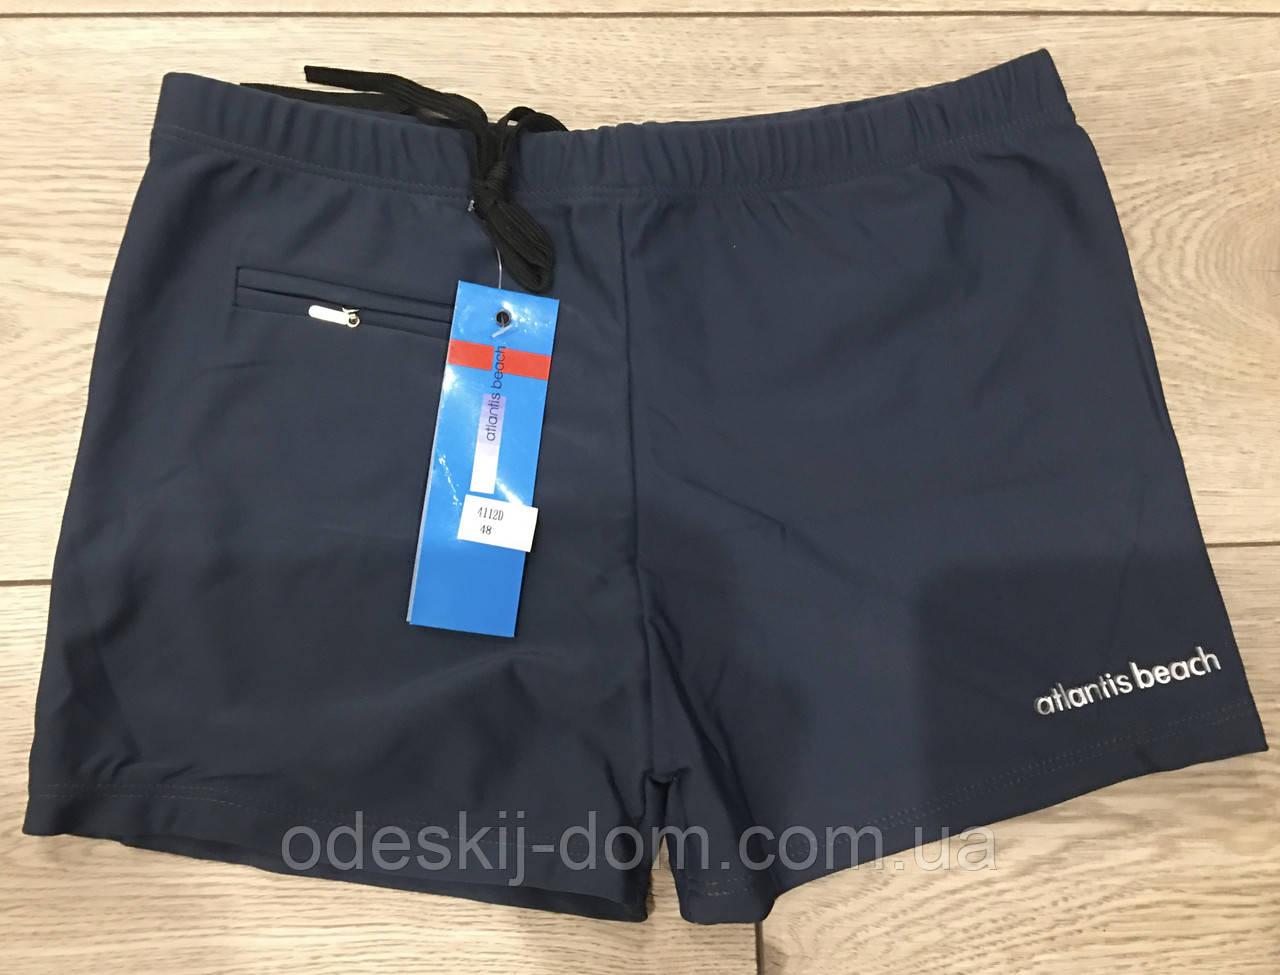 Чоловічі шорти для купання з кишенею на блискавці тм Atlantis beach